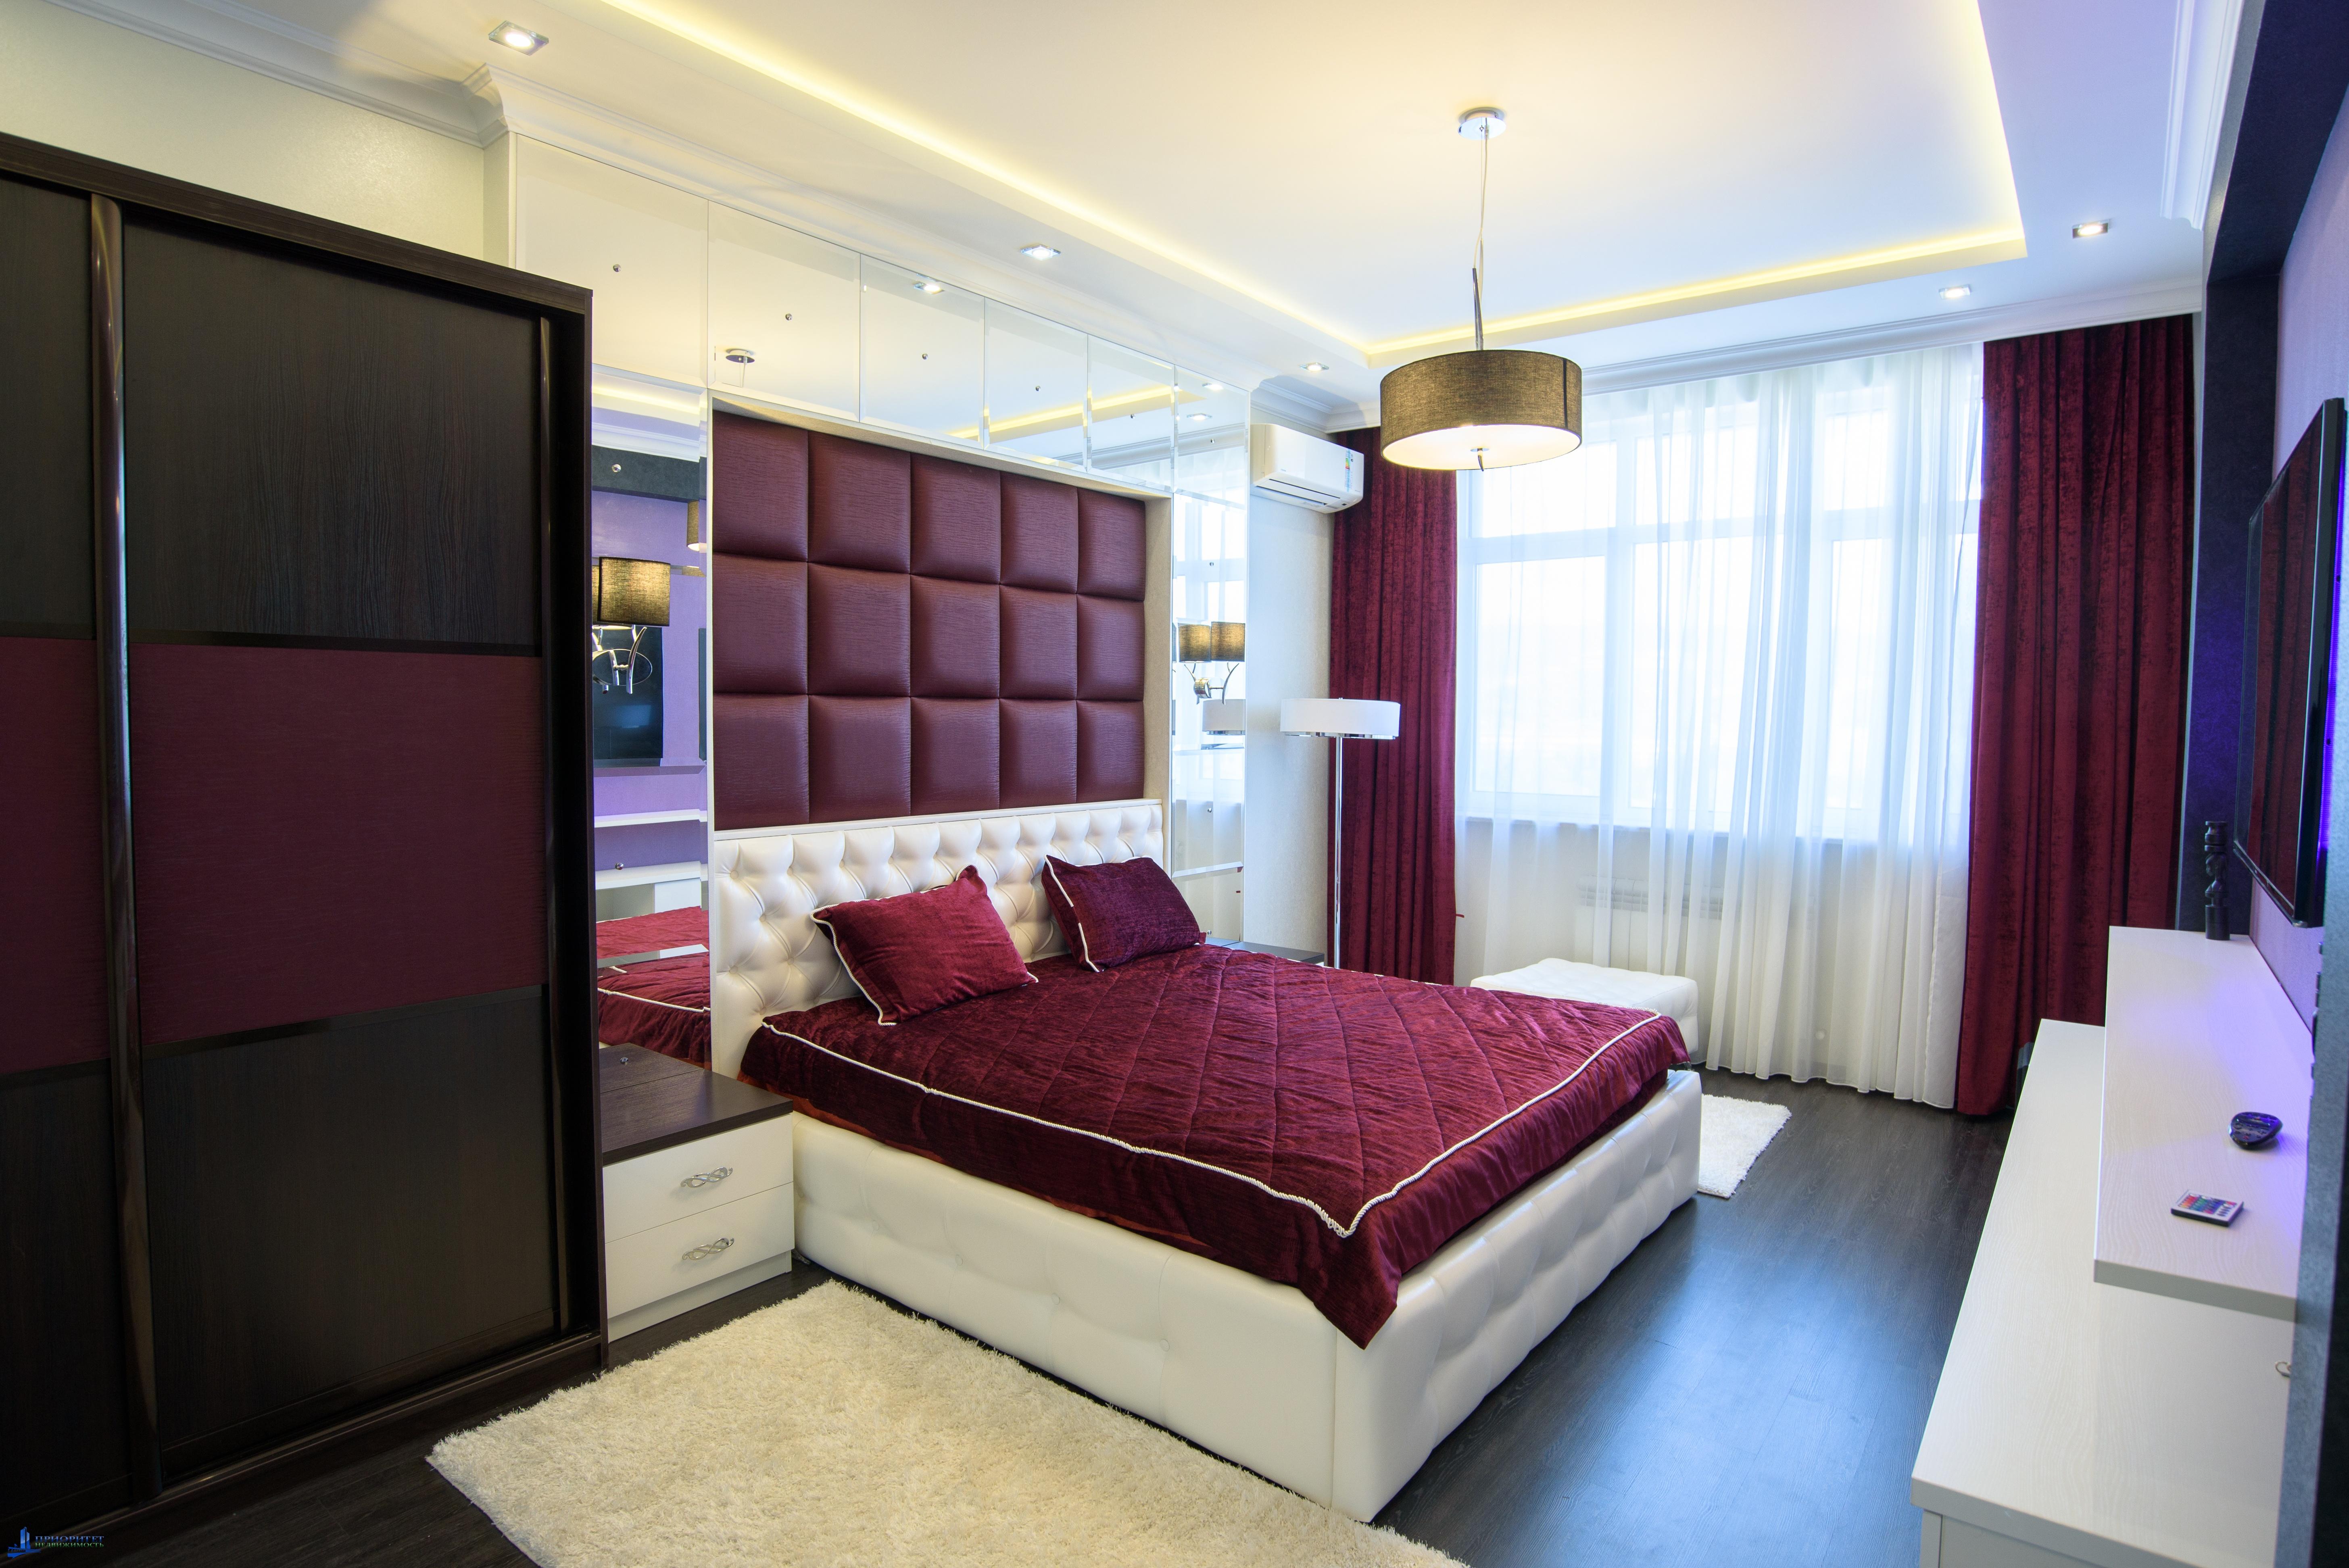 Квартиры формата «заезжай и живи» стали лидером спроса в Московском регионе